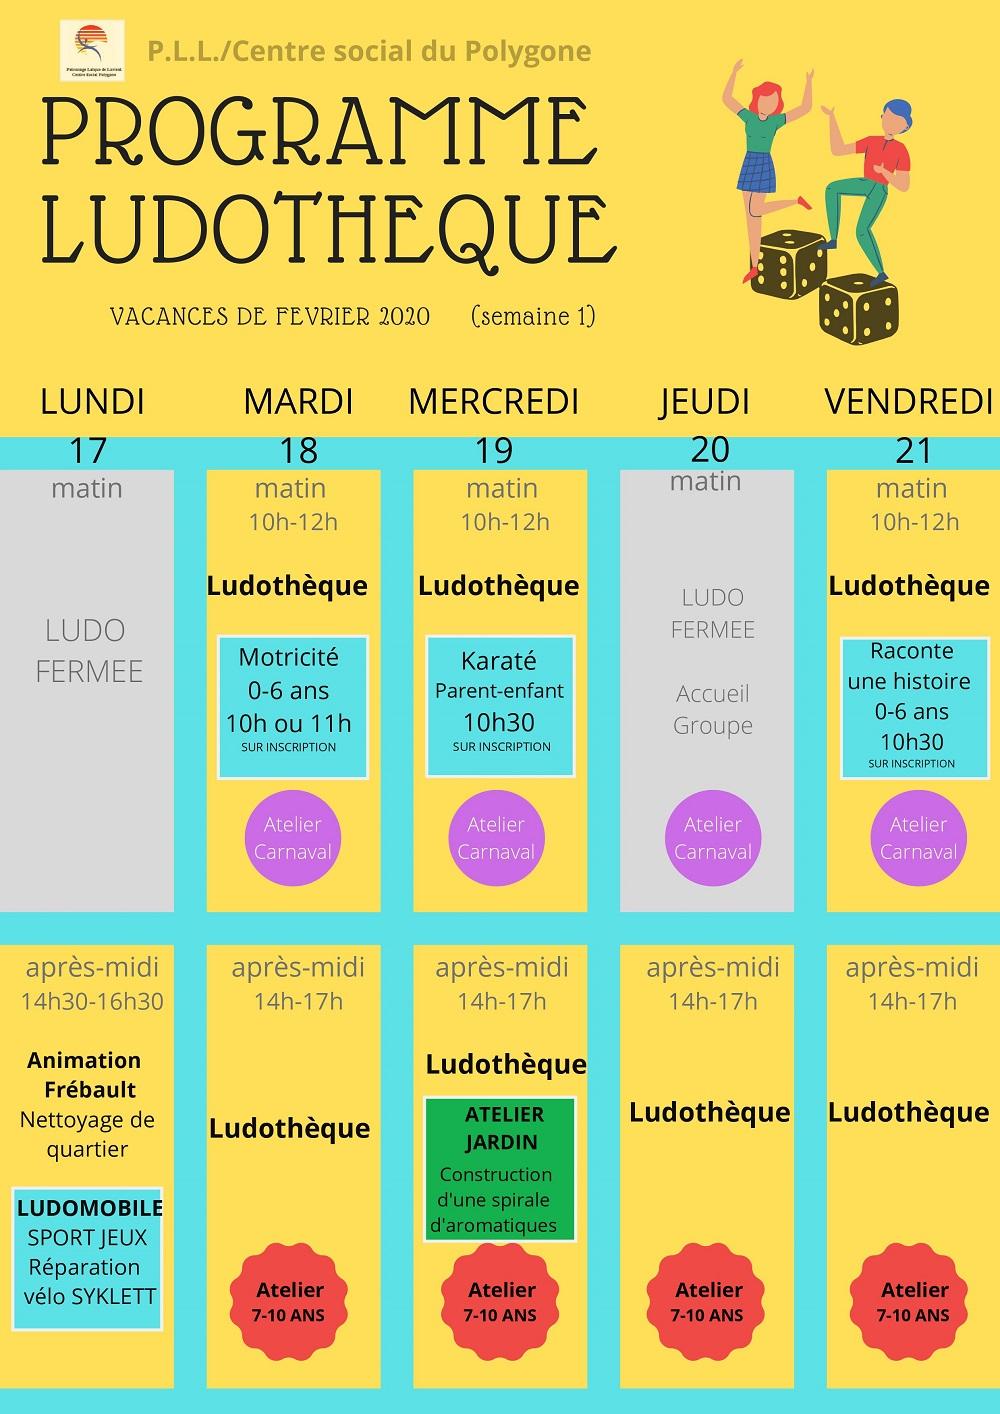 Ludothèque - vacances de Février 2020